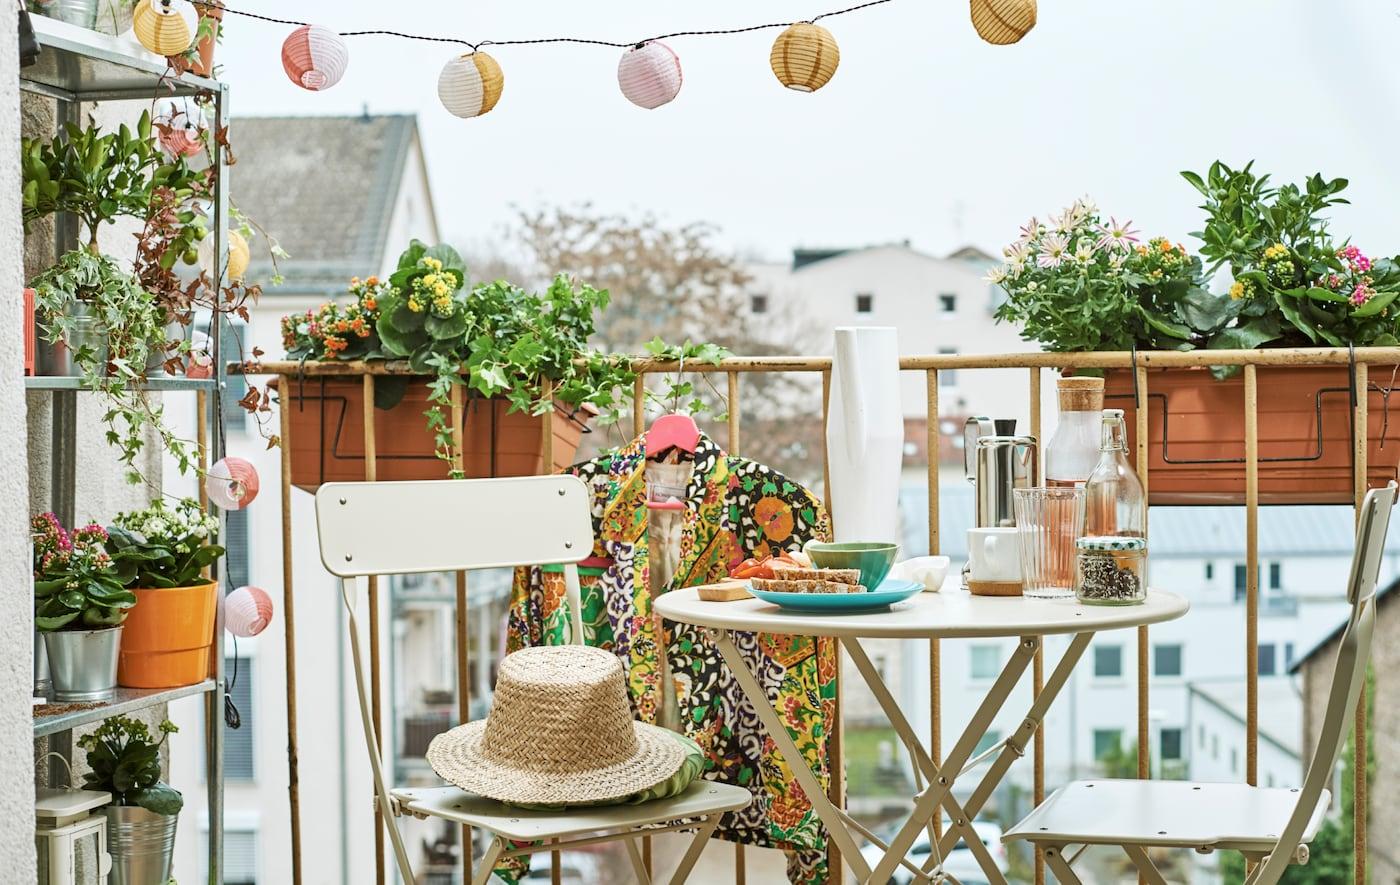 阳台上带有花箱、摆放植物的搁架单元、灯串和小餐馆风格餐具,桌上摆放有零食。